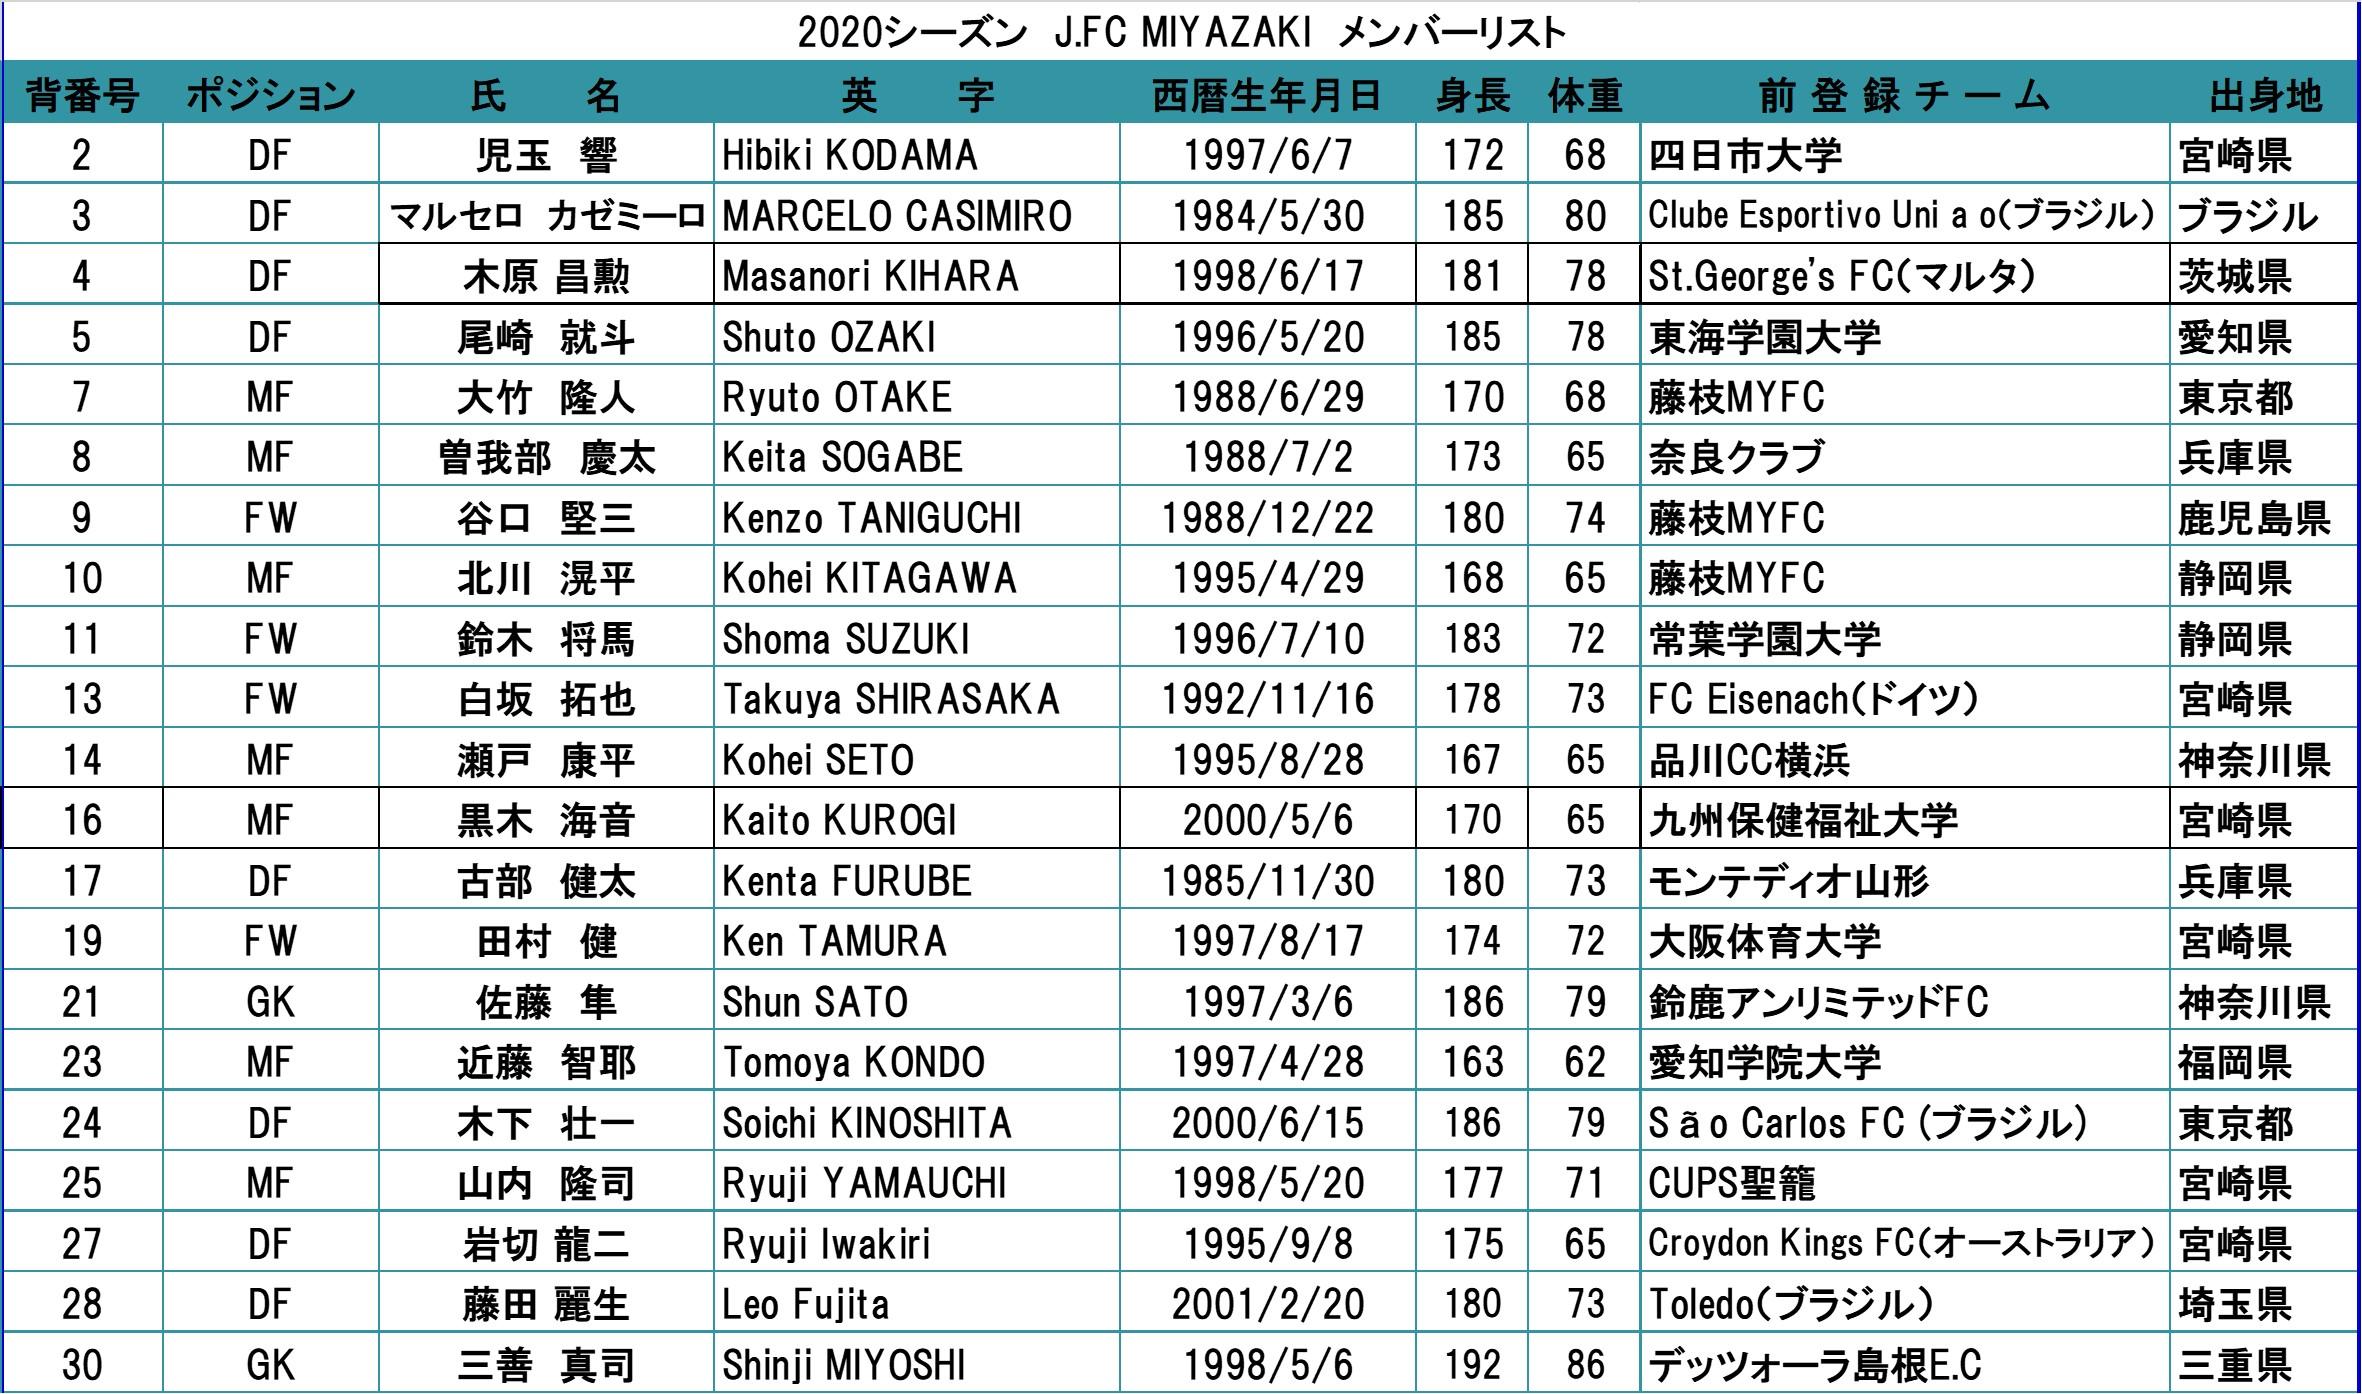 2020シーズン J.FC MIYAZAKI 選手一覧※2021シーズンは準備中です。